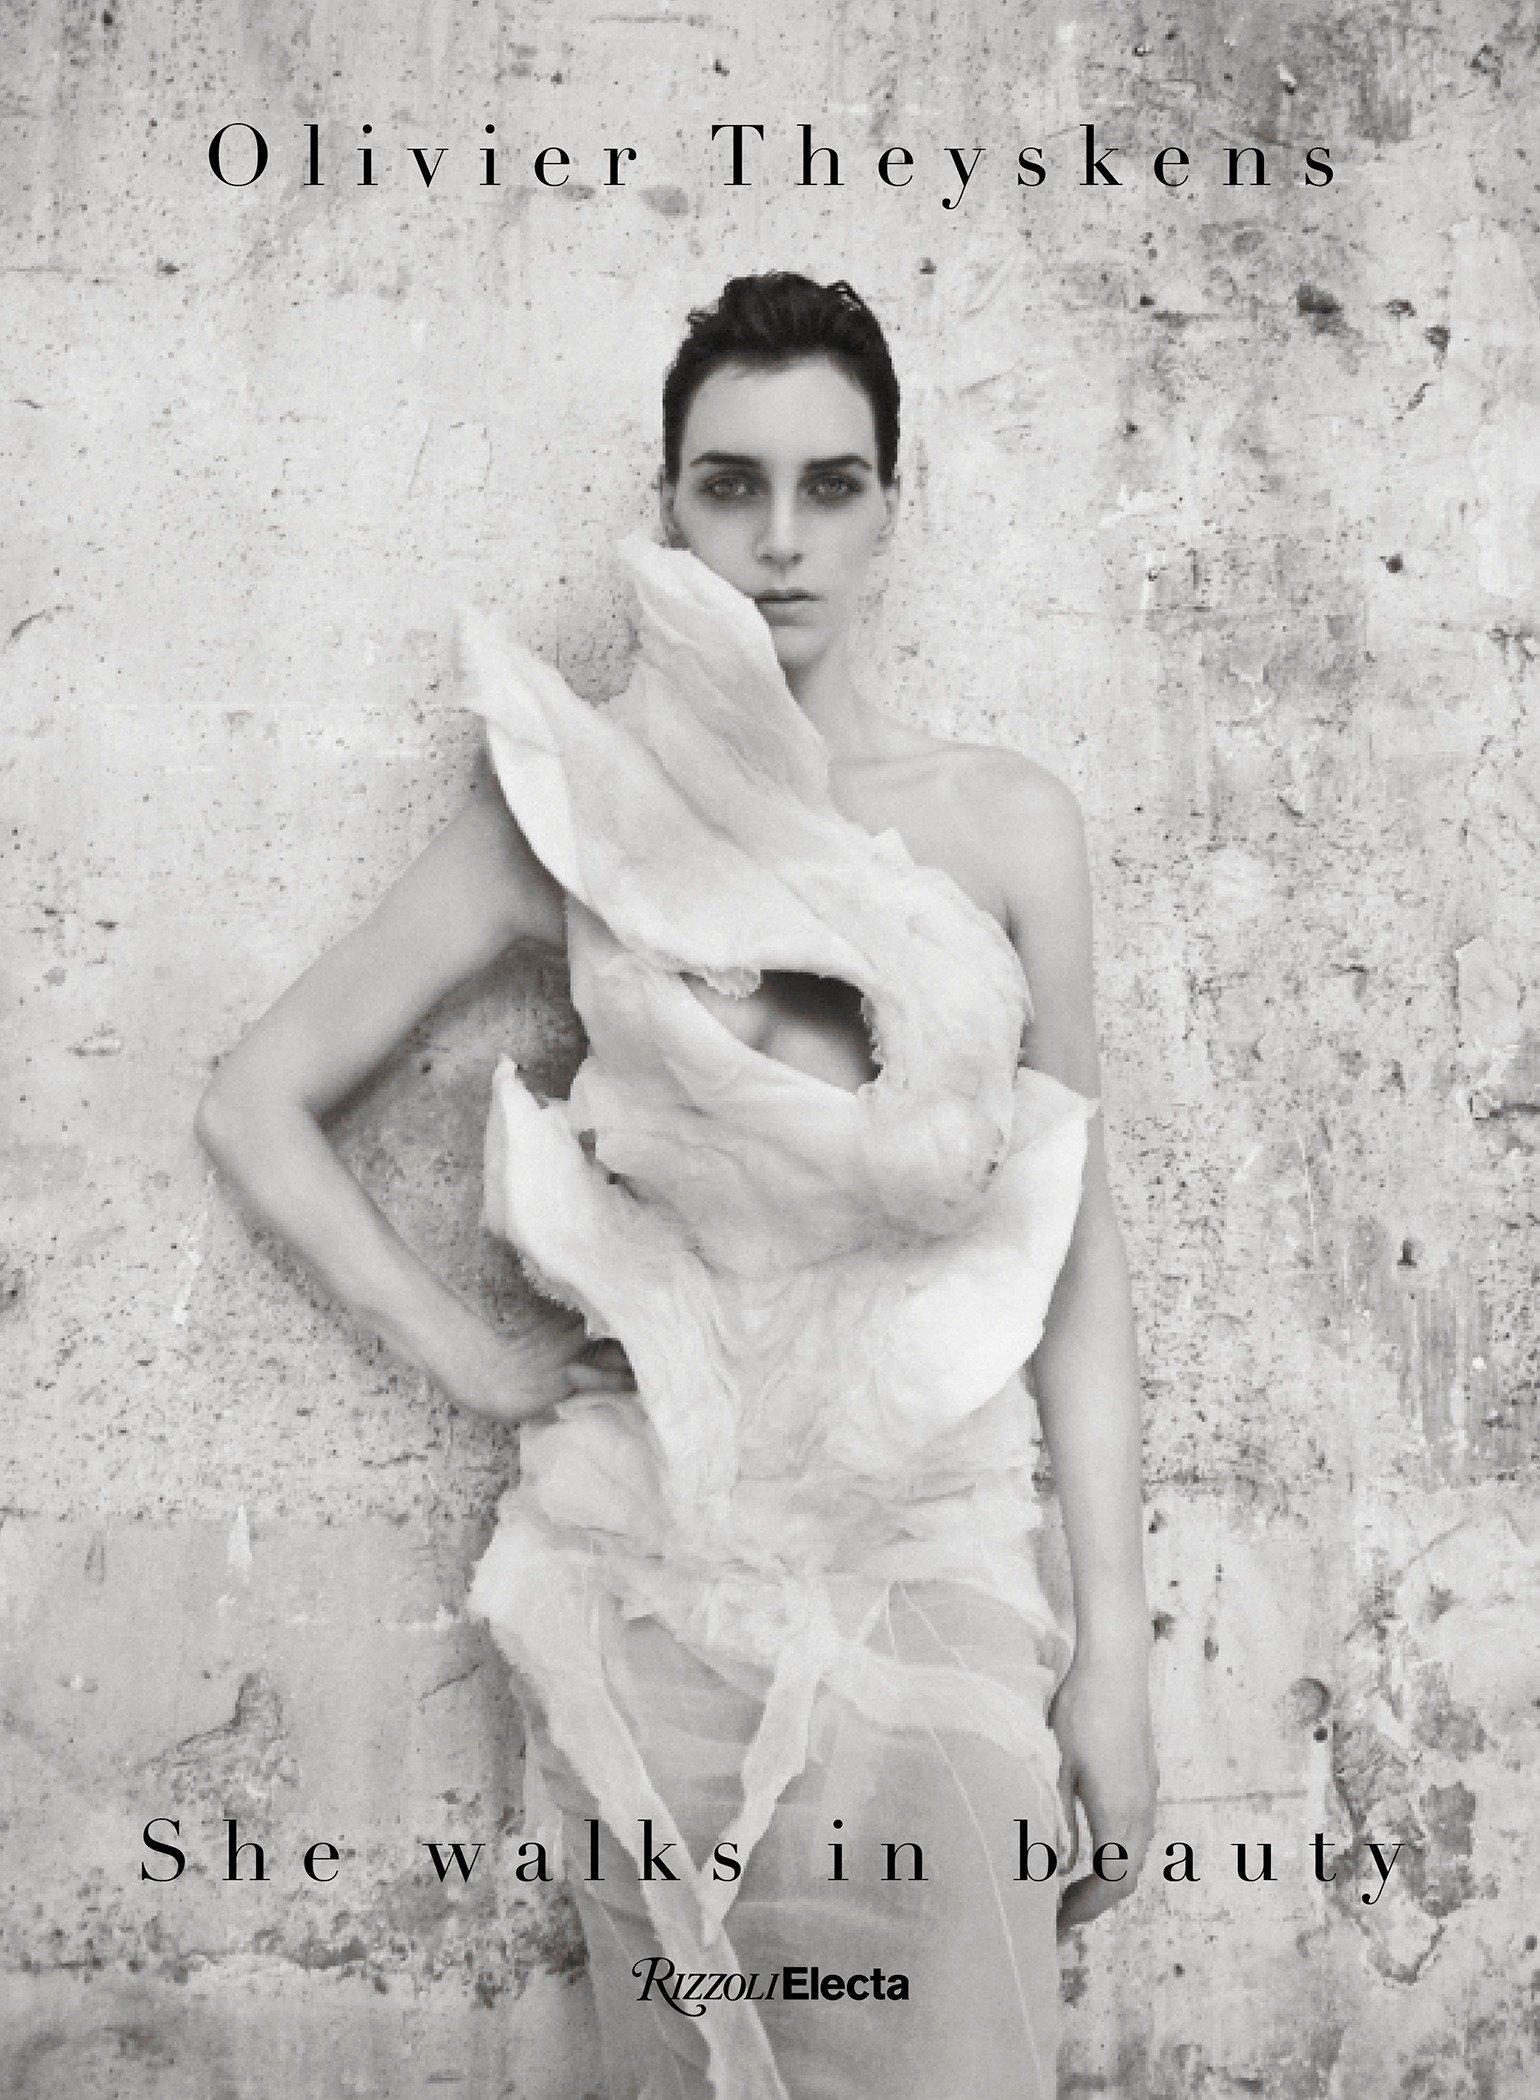 Olivier Theyskens: She Walks in Beauty by Rizzoli Electa